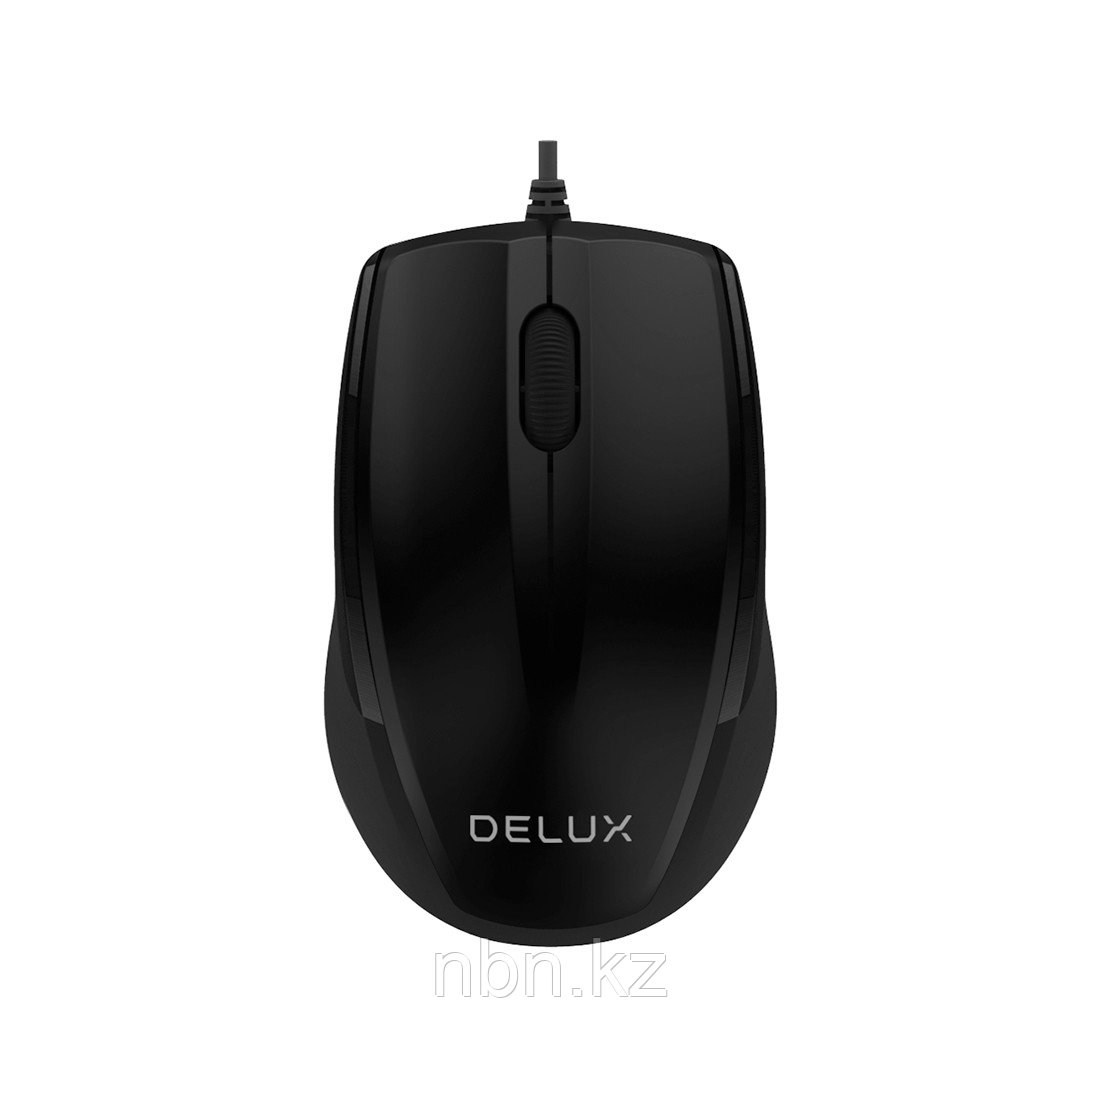 Компьютерная мышь Delux DLM-321OUB